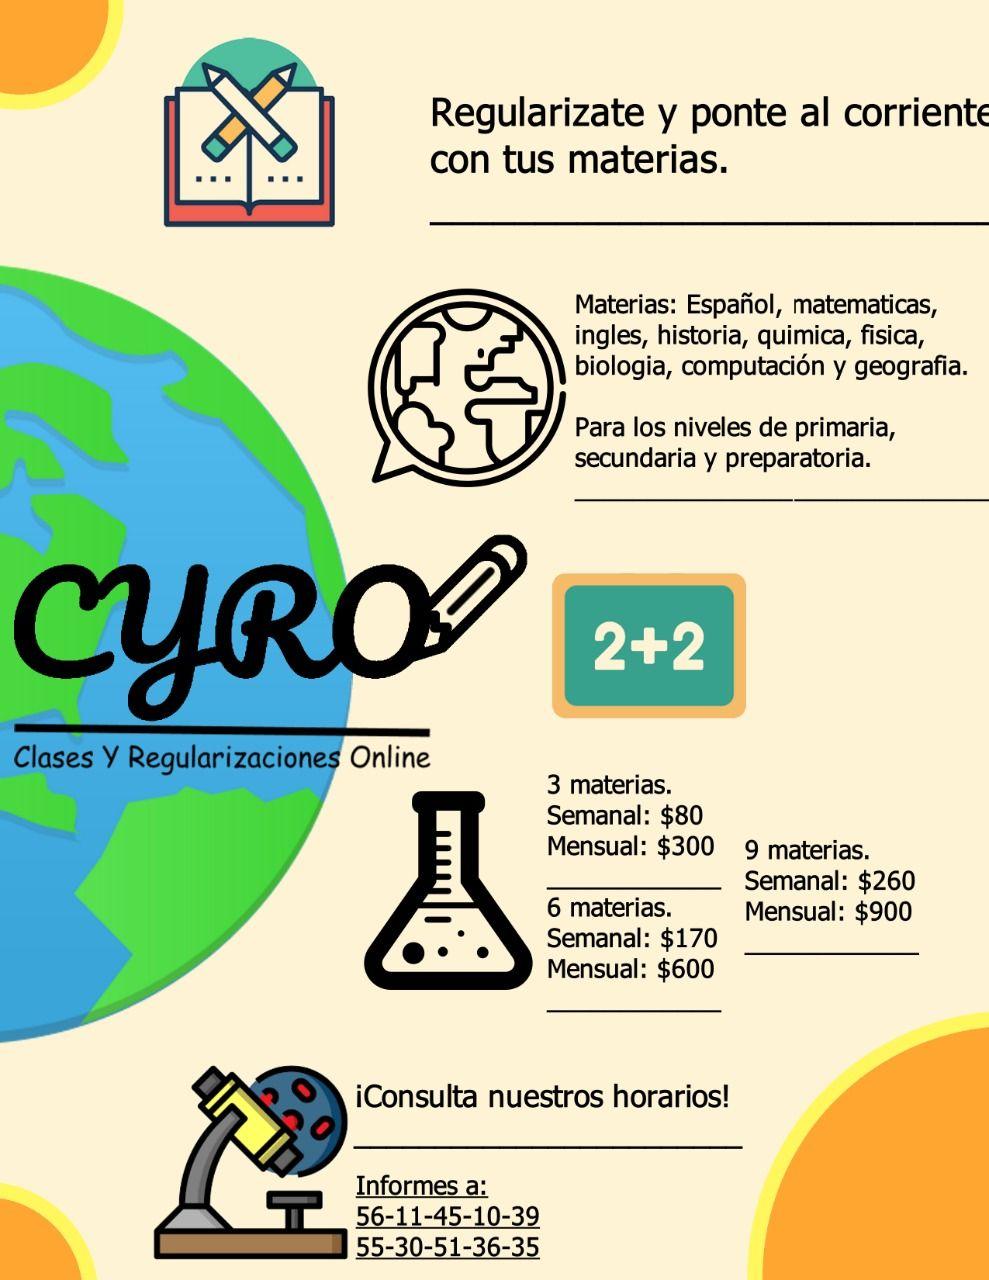 Clases Virtuales Para Primaria Secundaria Y Preparatoria Clases De Computacion Clase De Matemáticas Carteles De La Escuela